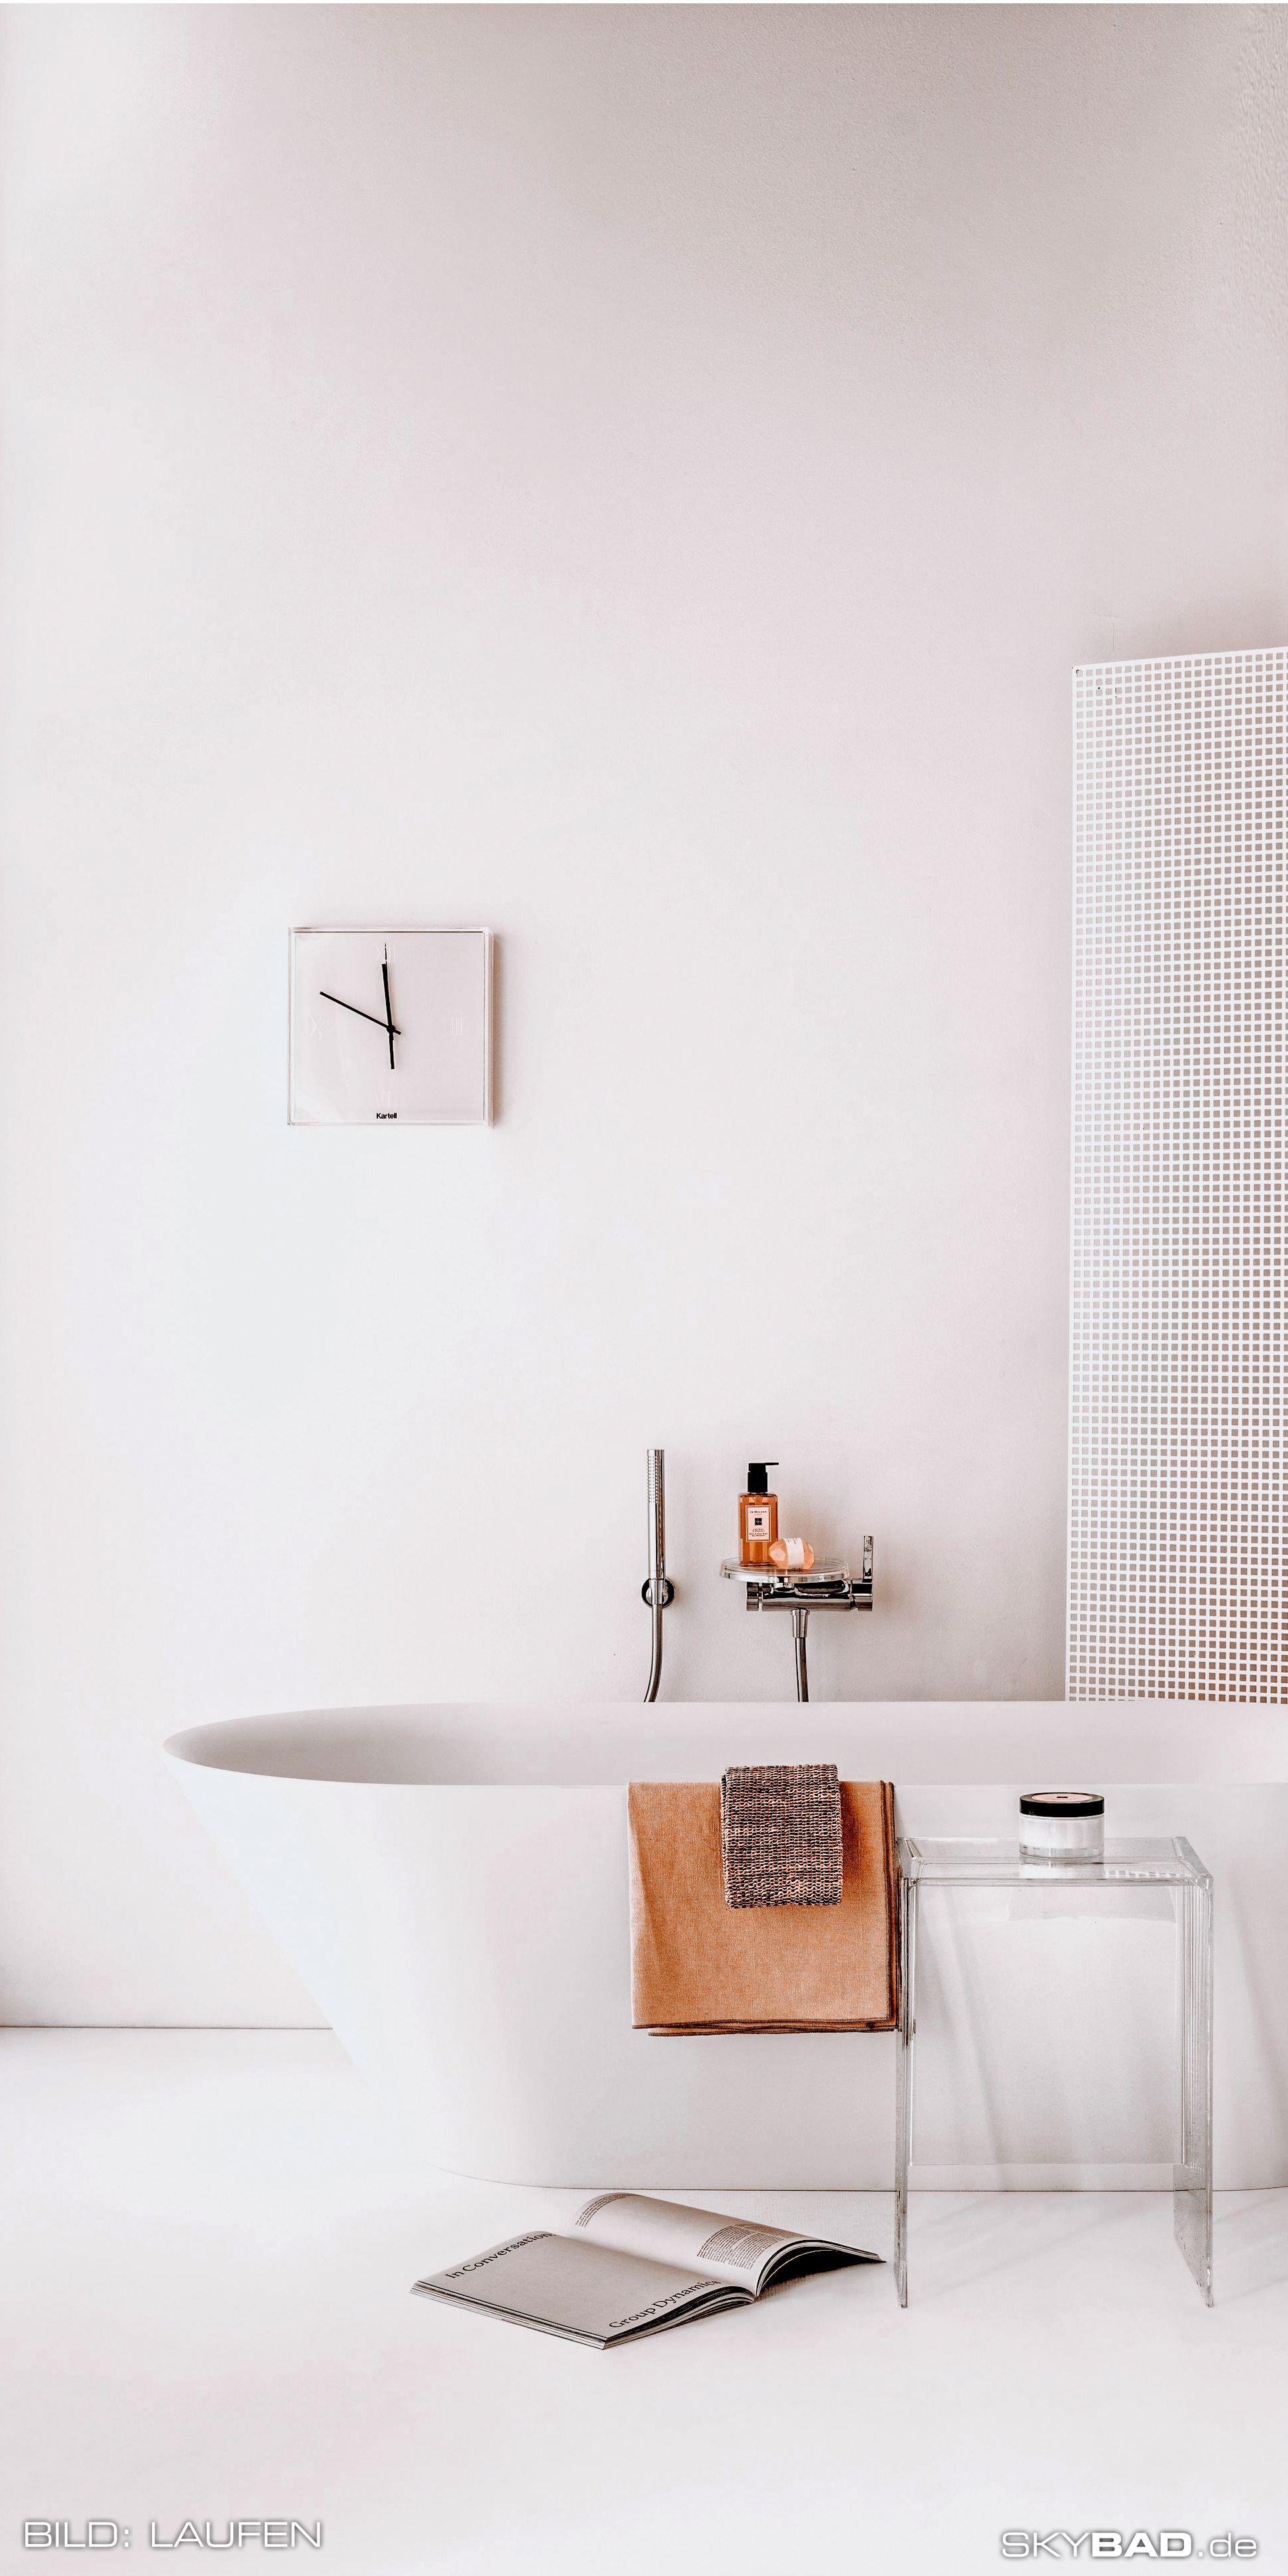 Die Perfekte Badewanne Fur Dein Zuhause Skybad De In 2020 Badewanne Mit Dusche Grosse Badewanne Badewanne